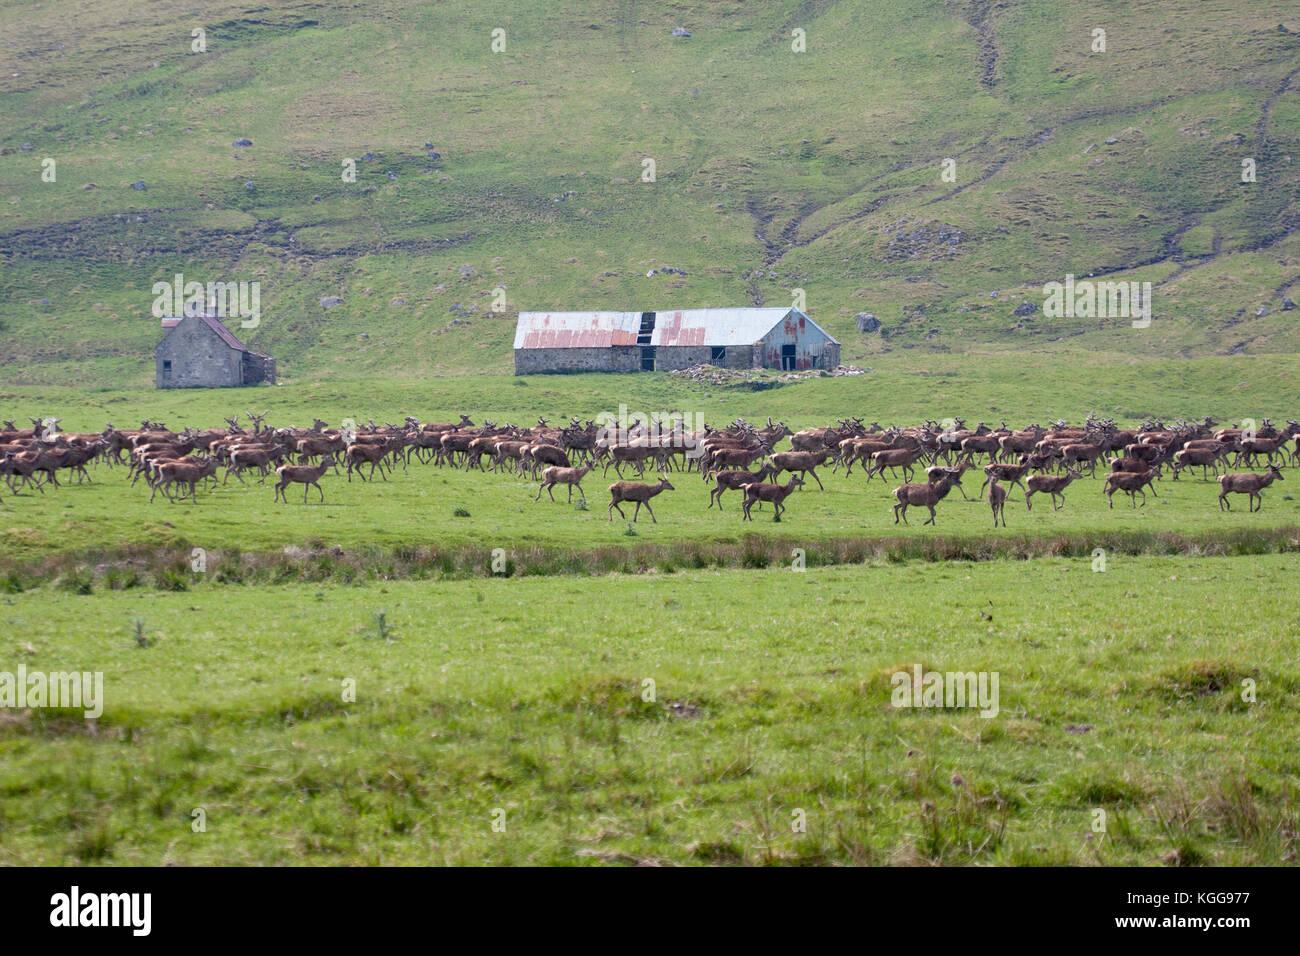 Red Deer, Cervus elaphus,  Herd of males and females walking on grassland. Findhorn Valley, Scotland, UK. - Stock Image